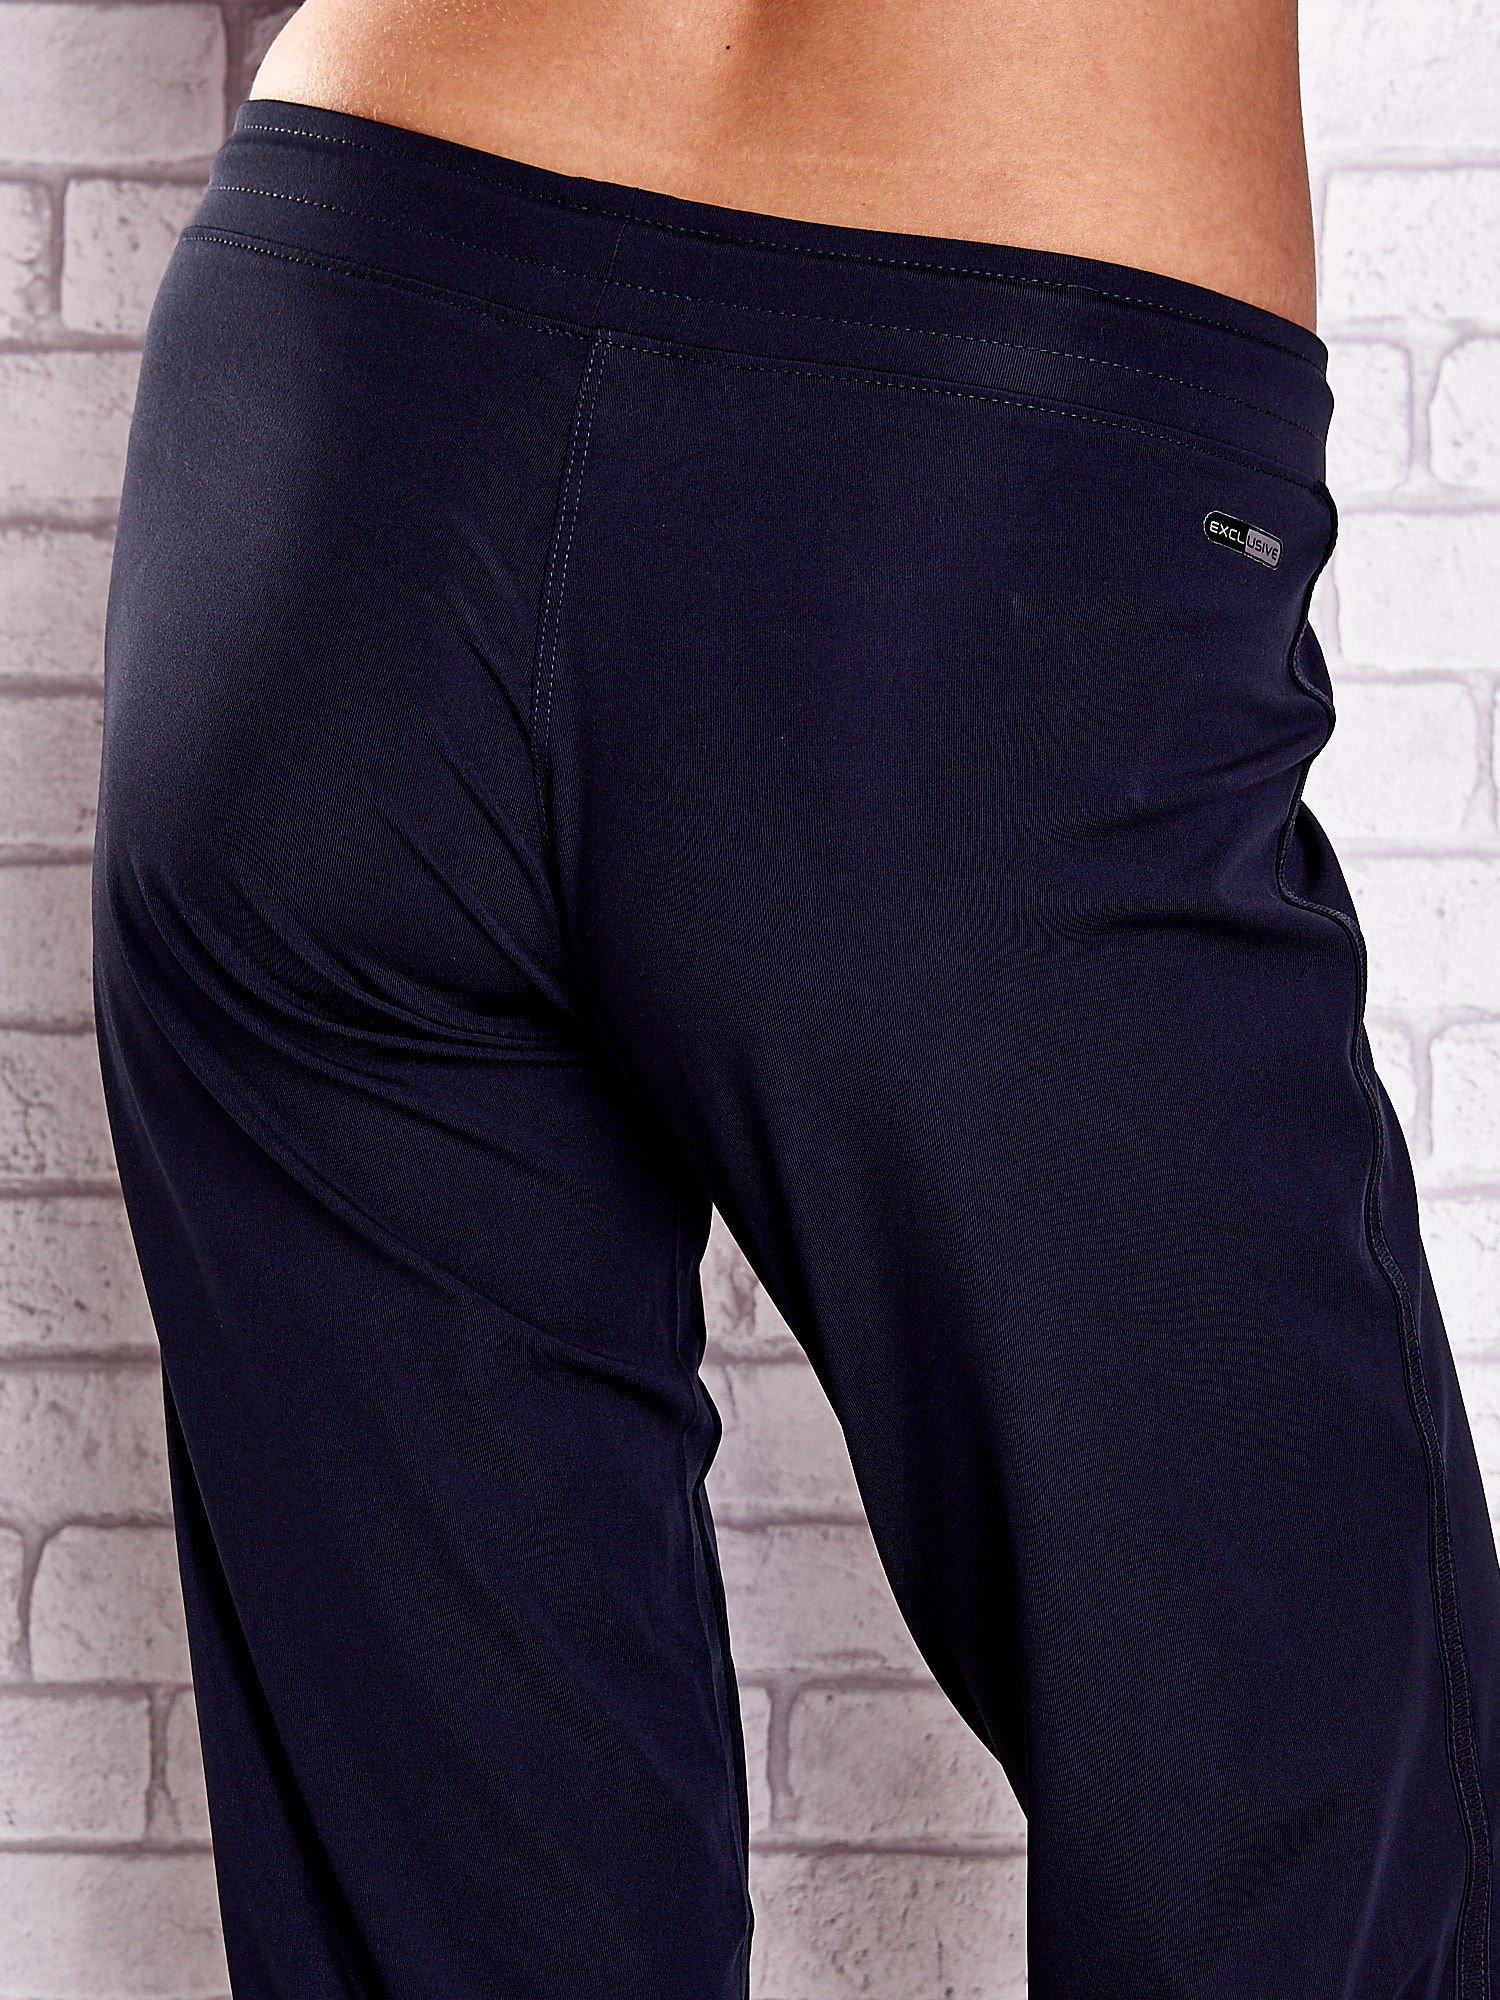 Granatowe spodnie capri z aplikacjami z dżetów                                  zdj.                                  6